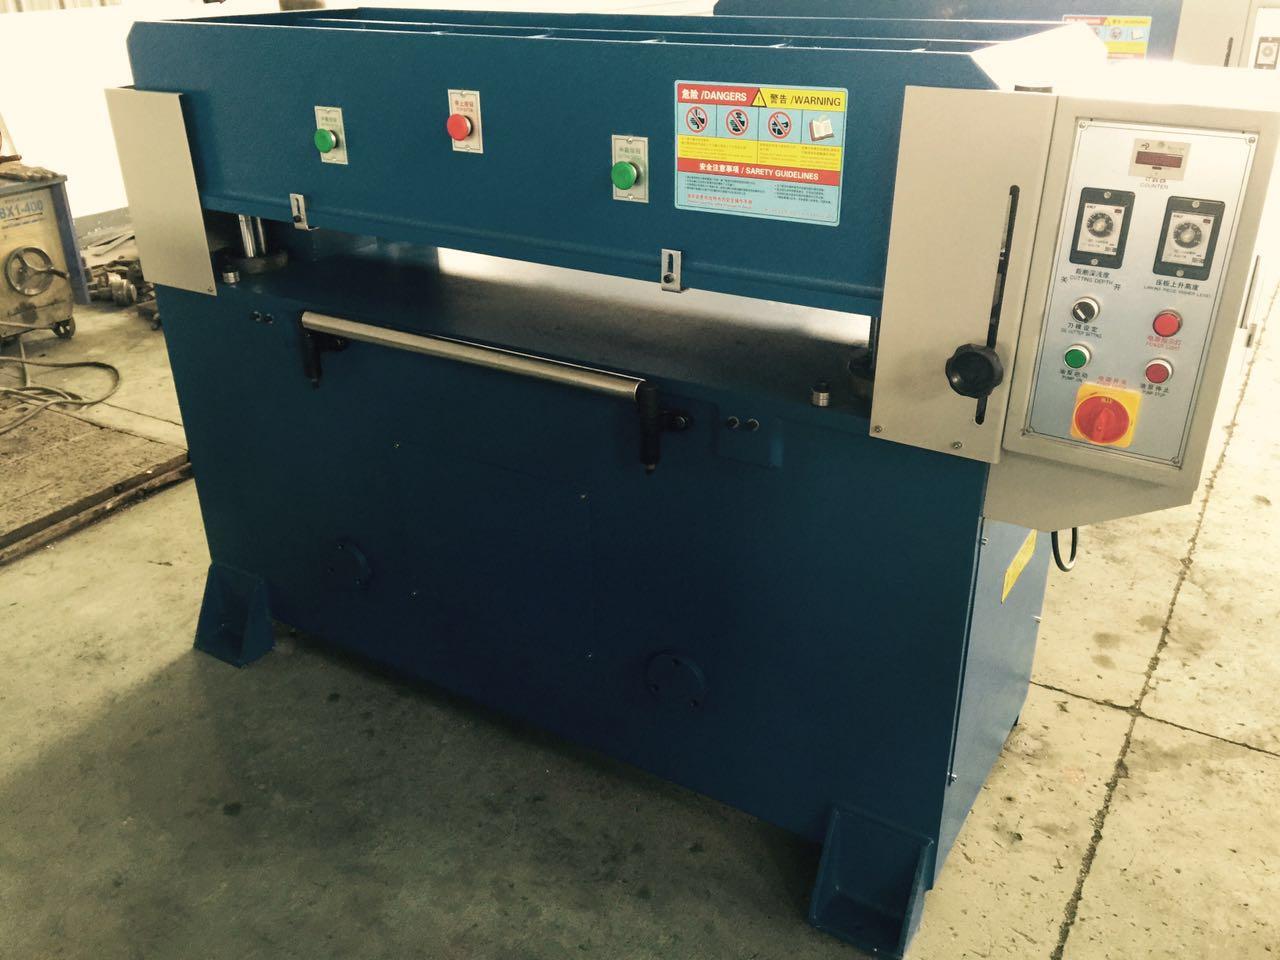 青岛橡胶裁断机 专业的裁断机厂家 裁断机价格 裁断机图片 EVA板材裁断机